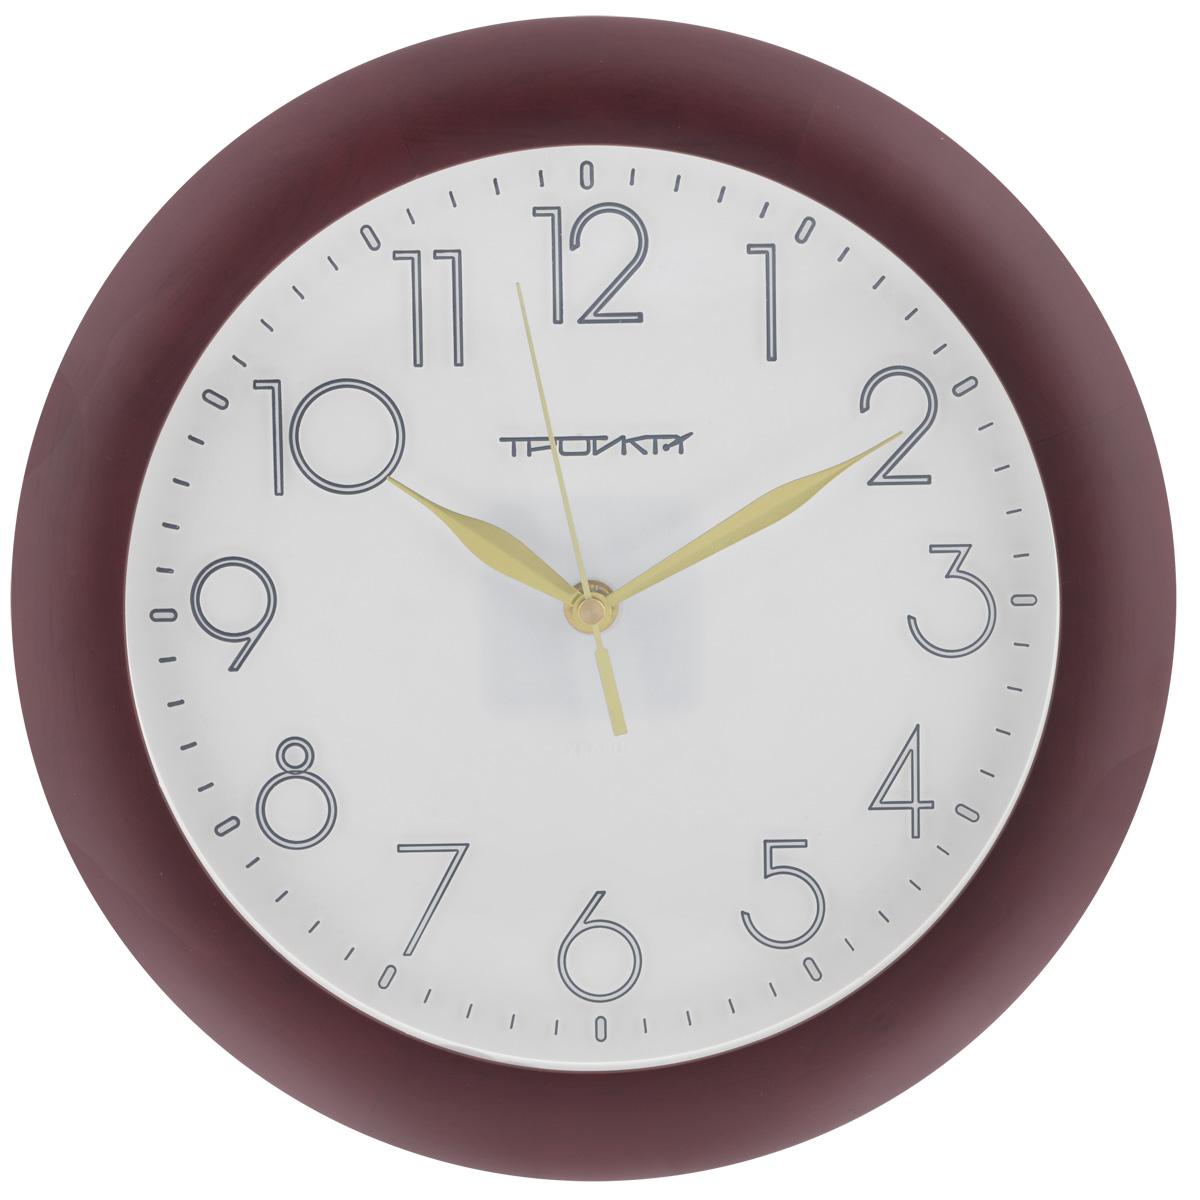 Часы настенные Troyka, цвет: вишневый, белый. 1116218311162183Настенные кварцевые часы с классическим дизайном Troyka, изготовленные из пластика, прекрасно подойдут под интерьер вашего дома. Круглые часы имеют три стрелки: часовую, минутную и секундную, циферблат защищен прозрачным пластиком. Диаметр часов: 30 см. Часы работают от 1 батарейки типа АА напряжением 1,5 В (входит в комплект).